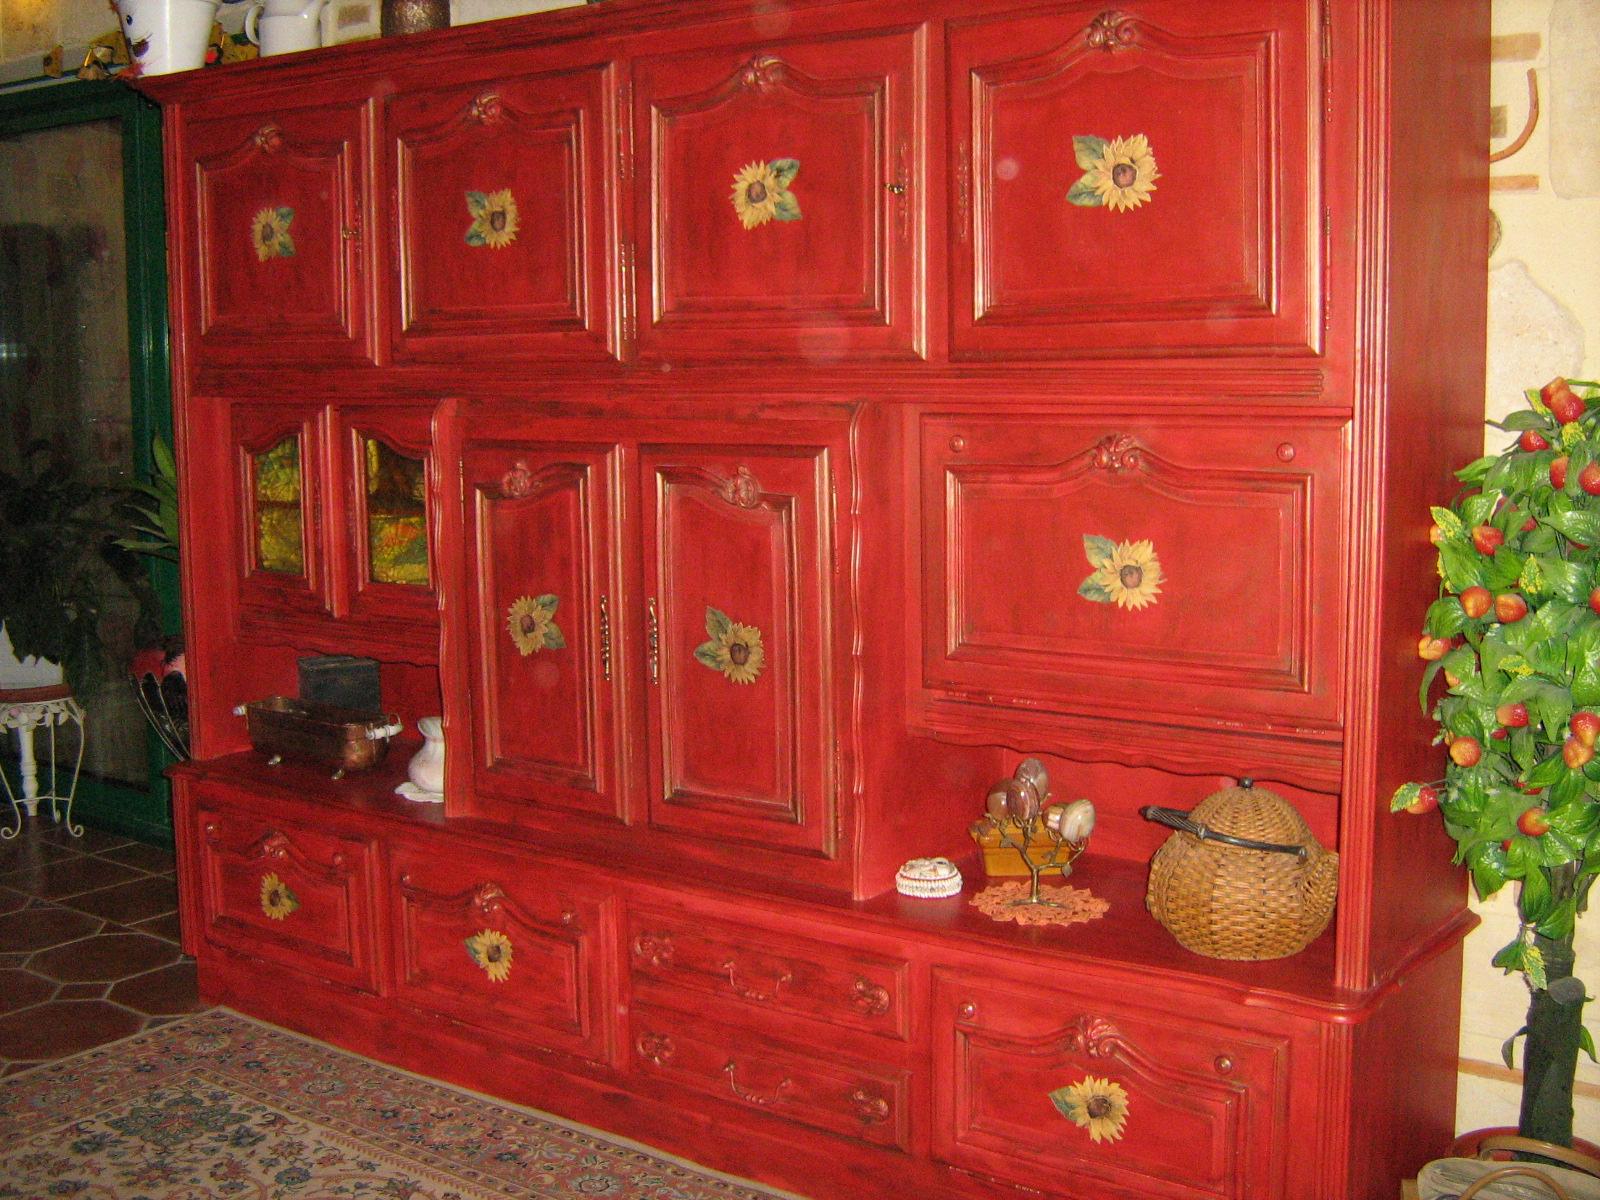 Peinture sur meuble et objets - Meuble patine rouge ...